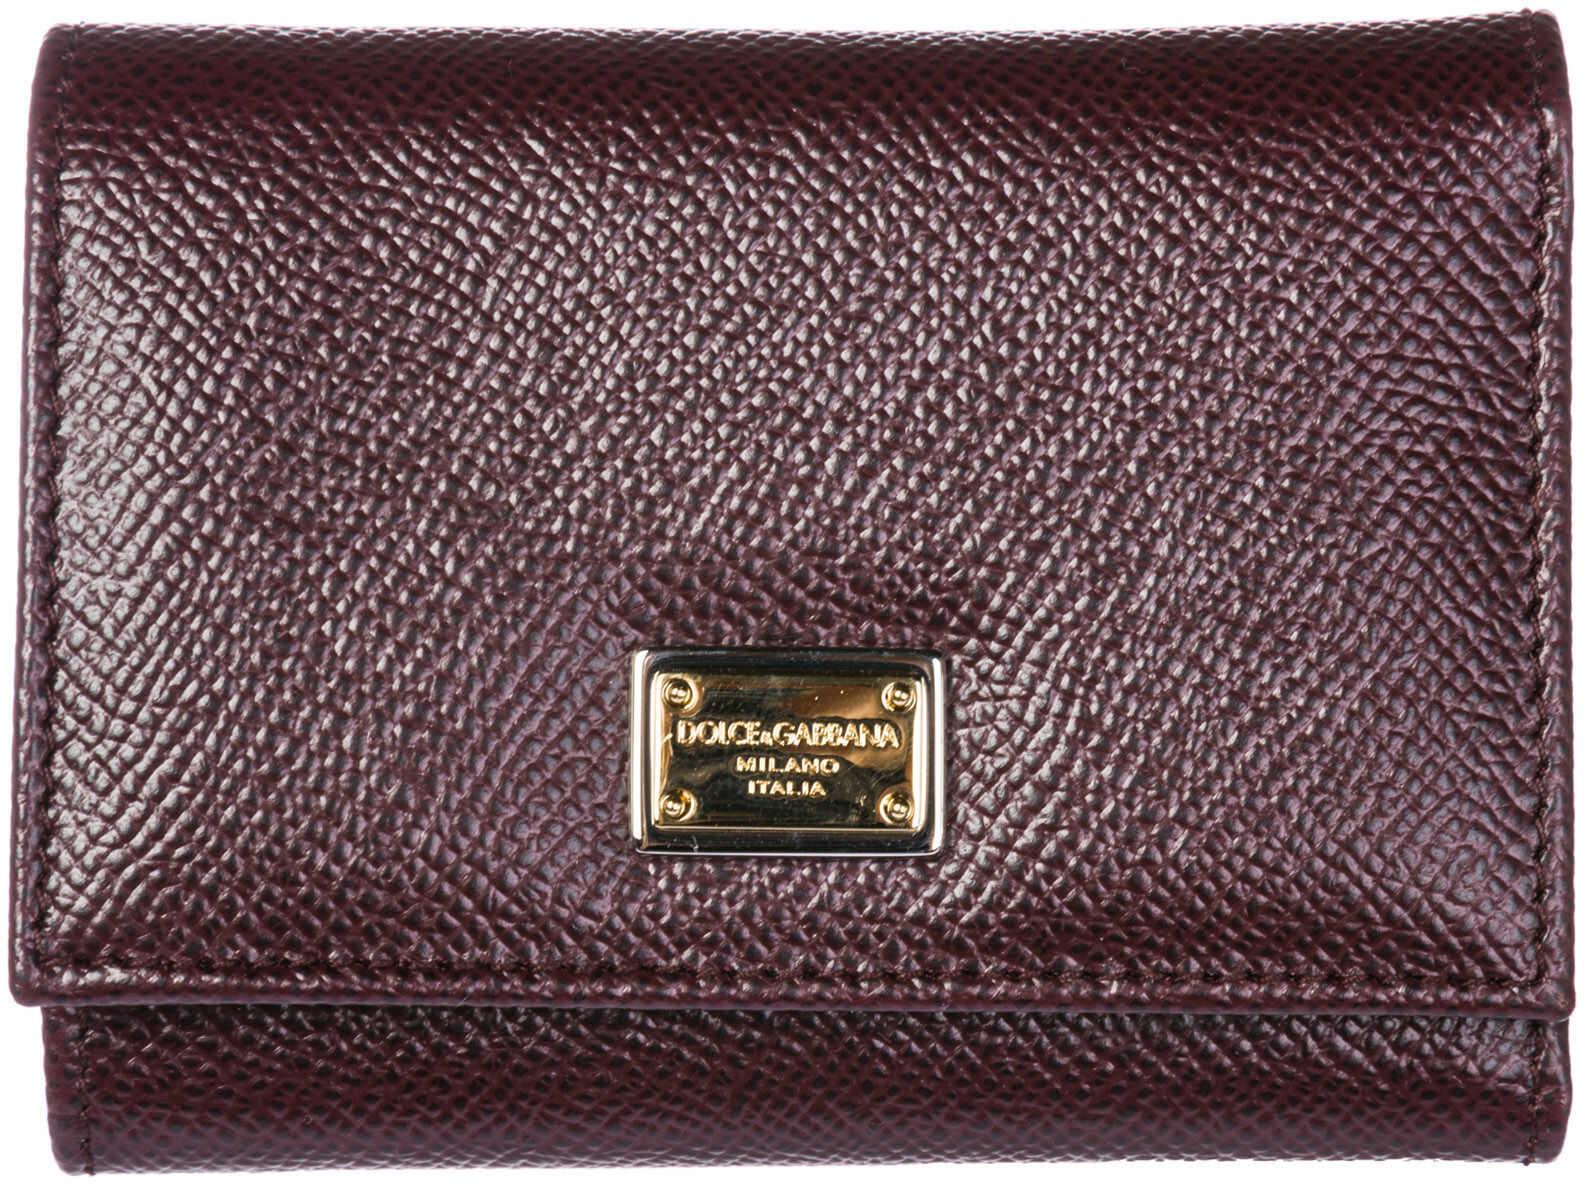 Dolce & Gabbana Card Trifold Red